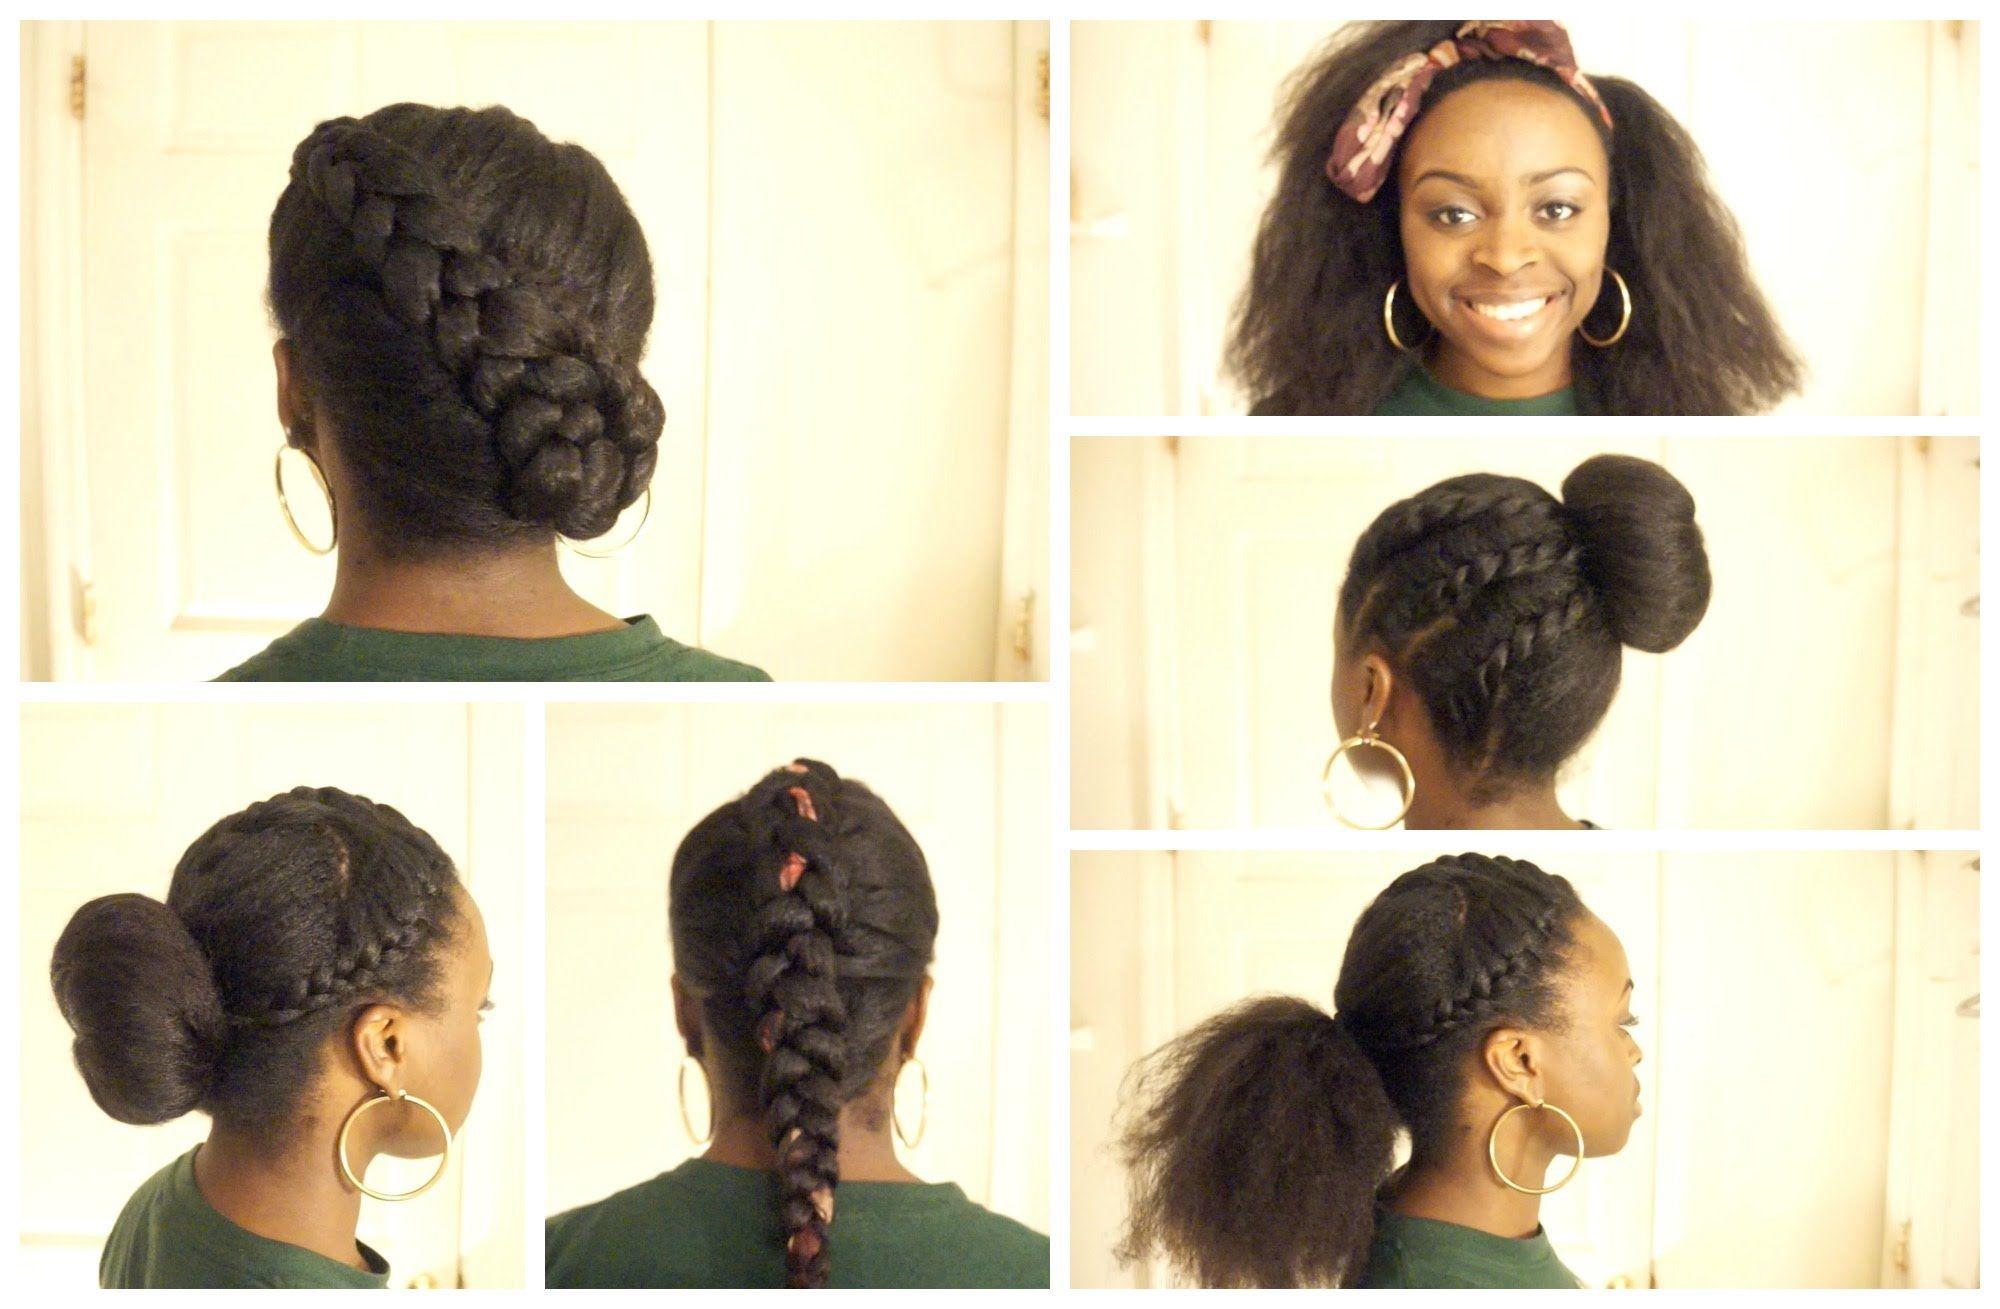 Marvelous 1000 Images About Natural Hair For Little Girls On Pinterest Short Hairstyles For Black Women Fulllsitofus